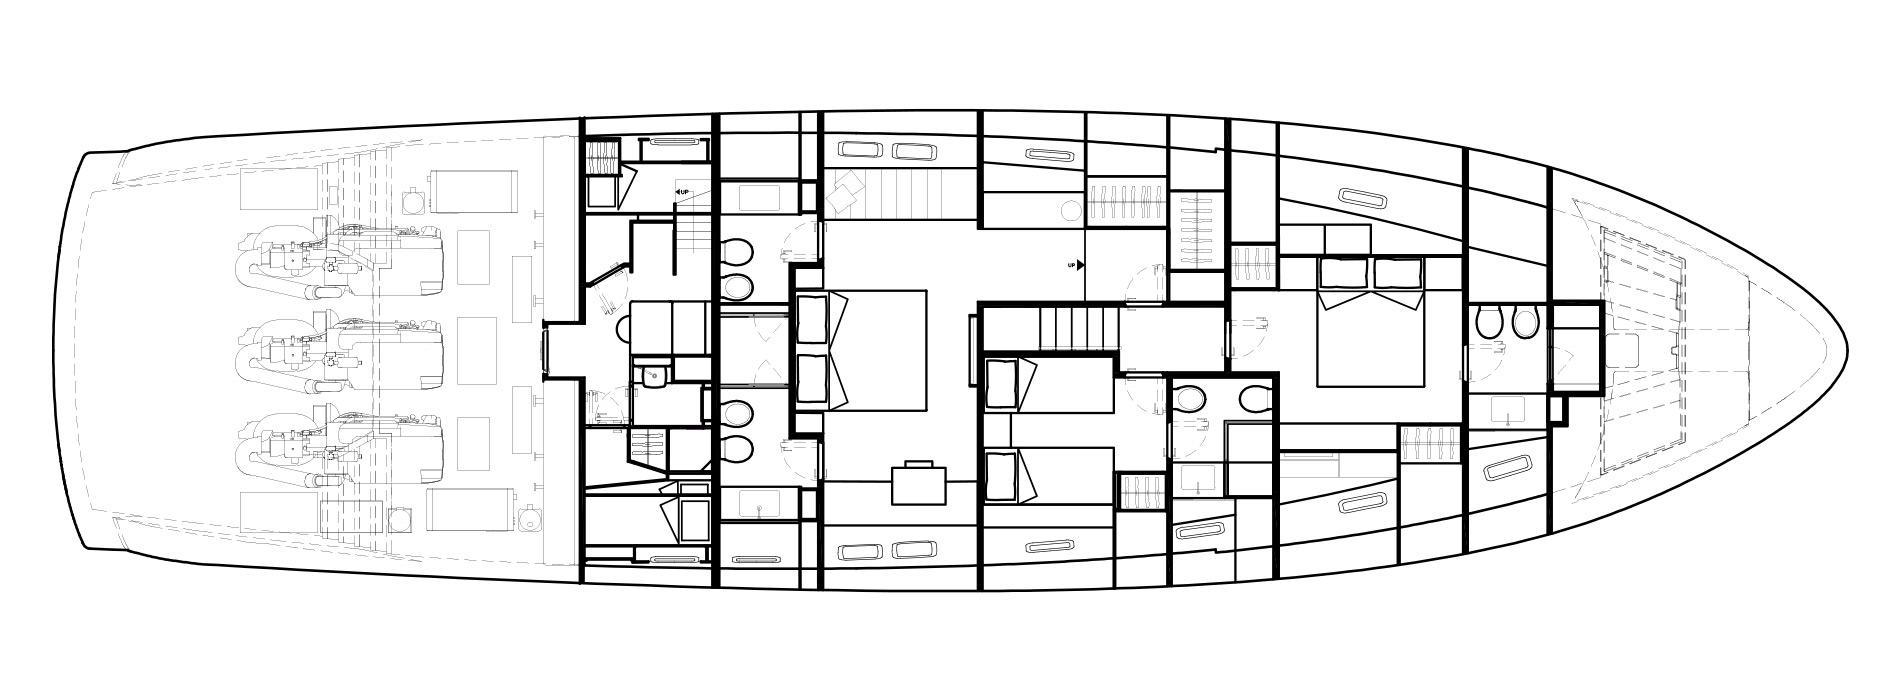 Sanlorenzo Yachts SX88 Unterdeck Versione B